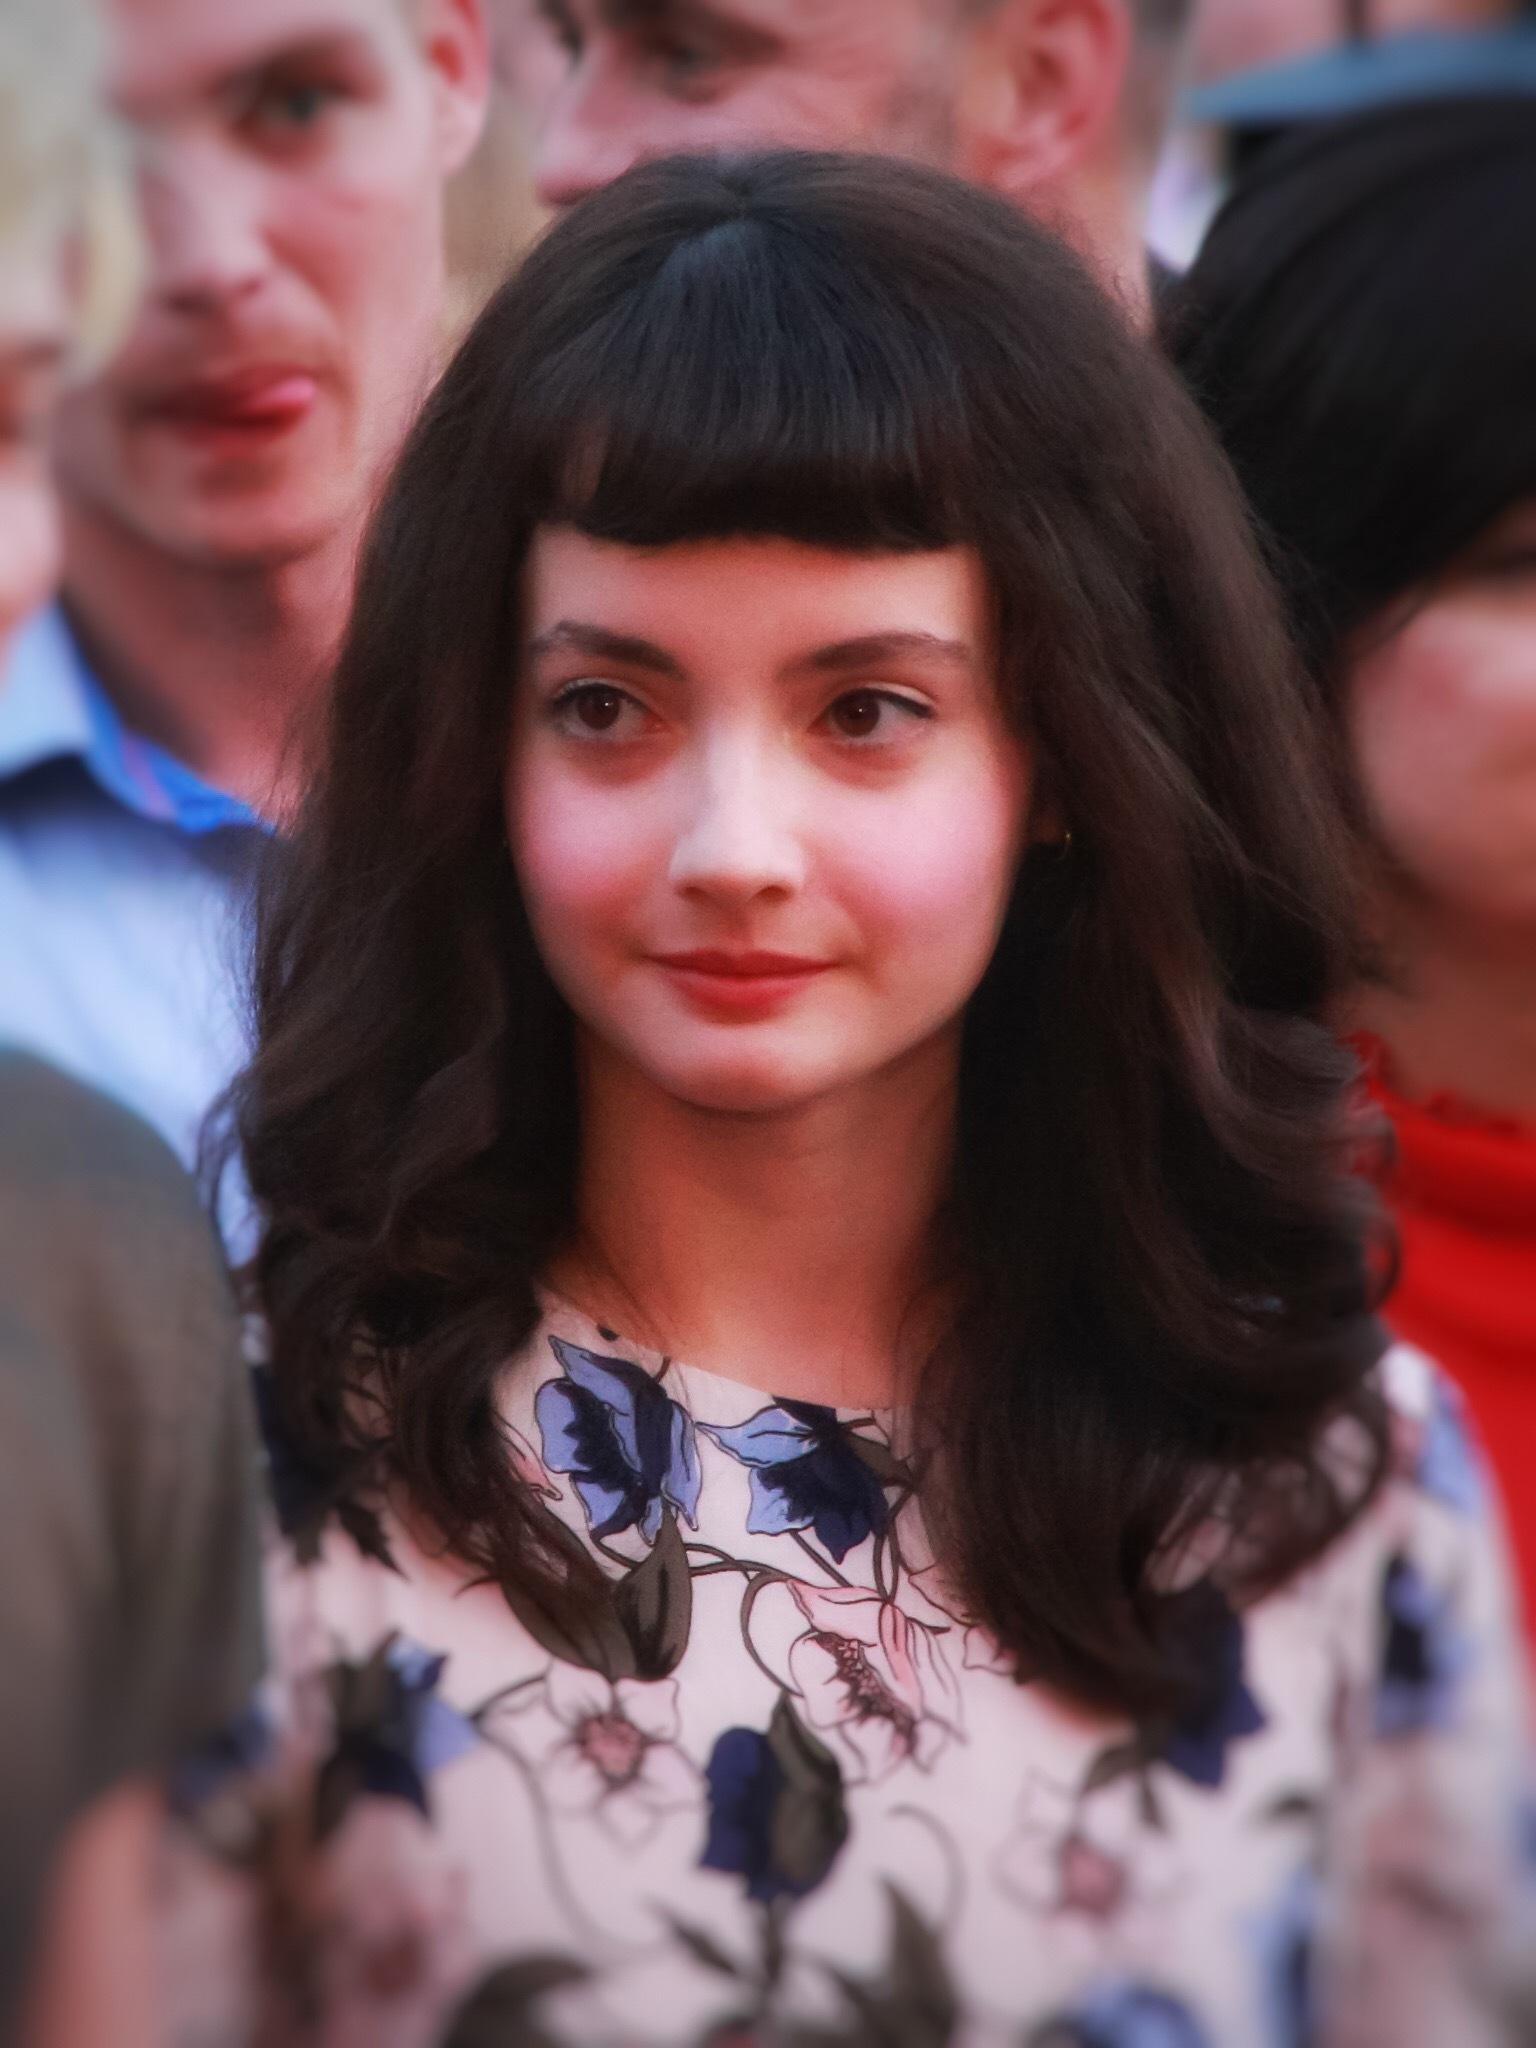 Actress 1b by Harry Schäfer